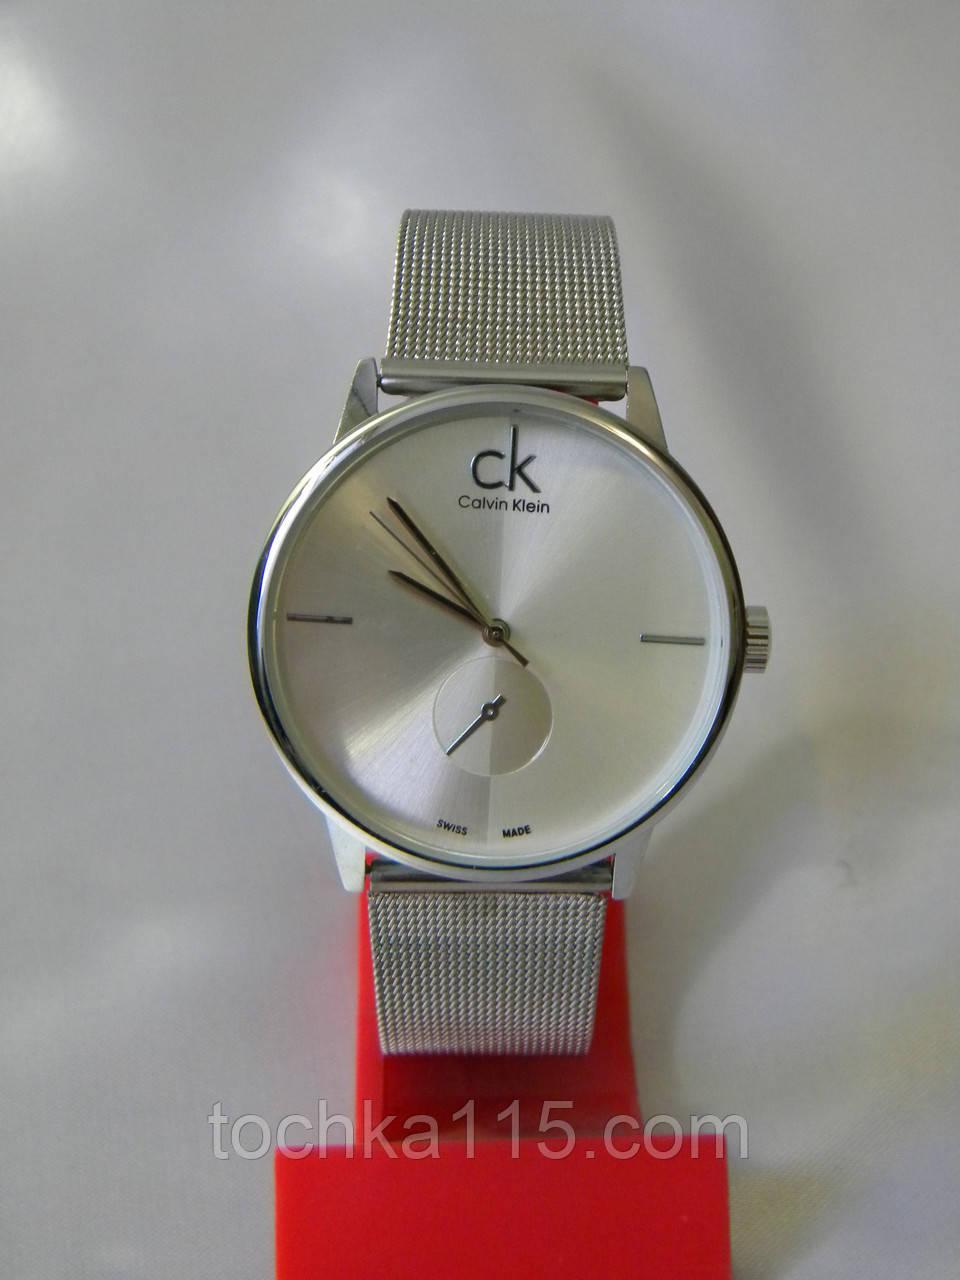 Часы женские Calvin Klein, наручные часы келвин клейн 005 реплика